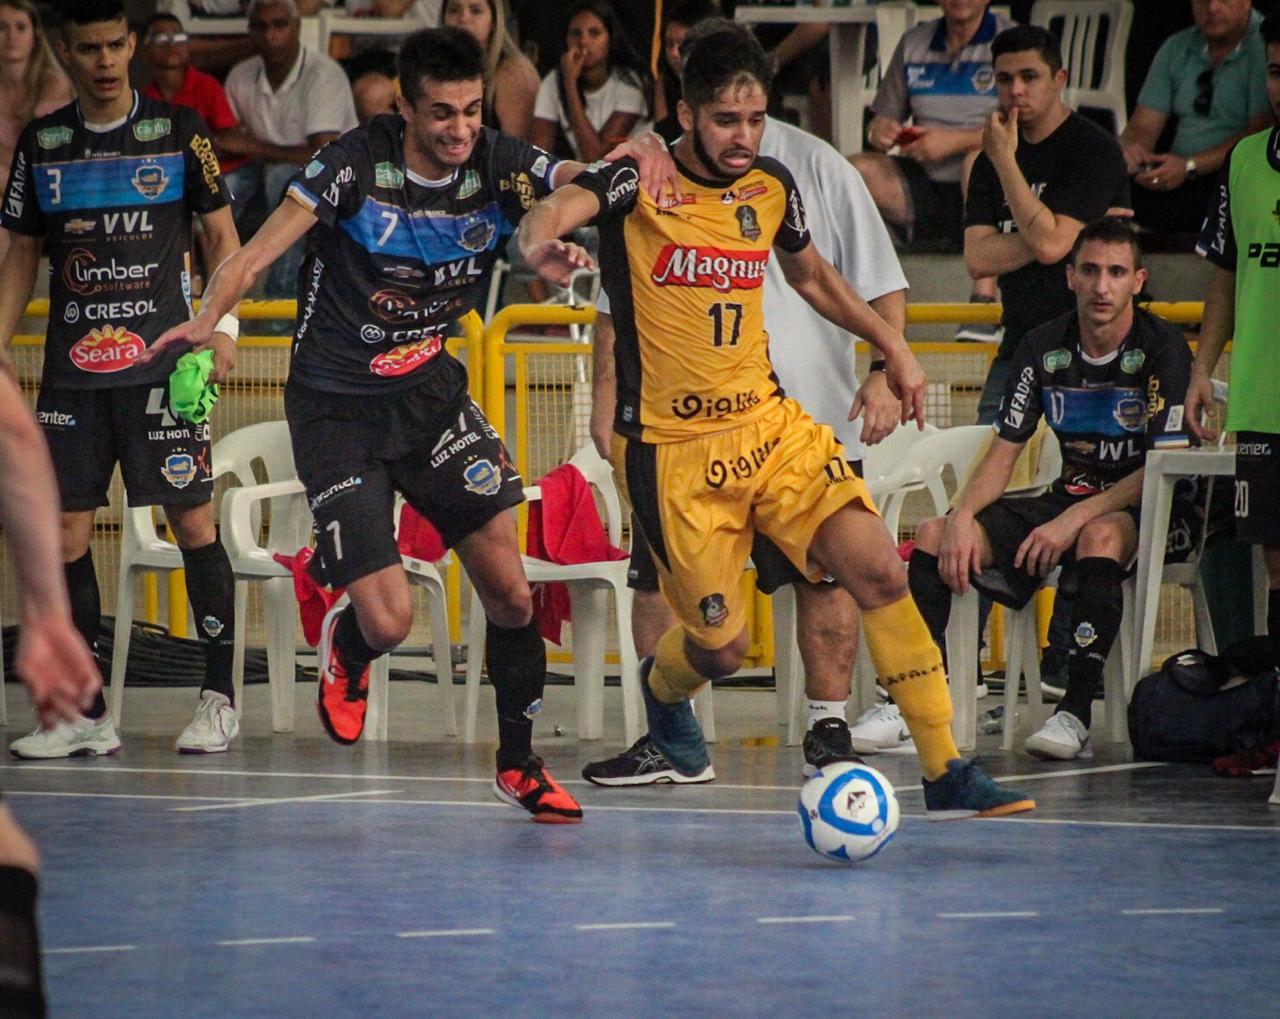 Magnus de Leandro Lino e Pato de Neguinho fizeram um jogo emocionante em  Sorocaba 4a78520e1b59b